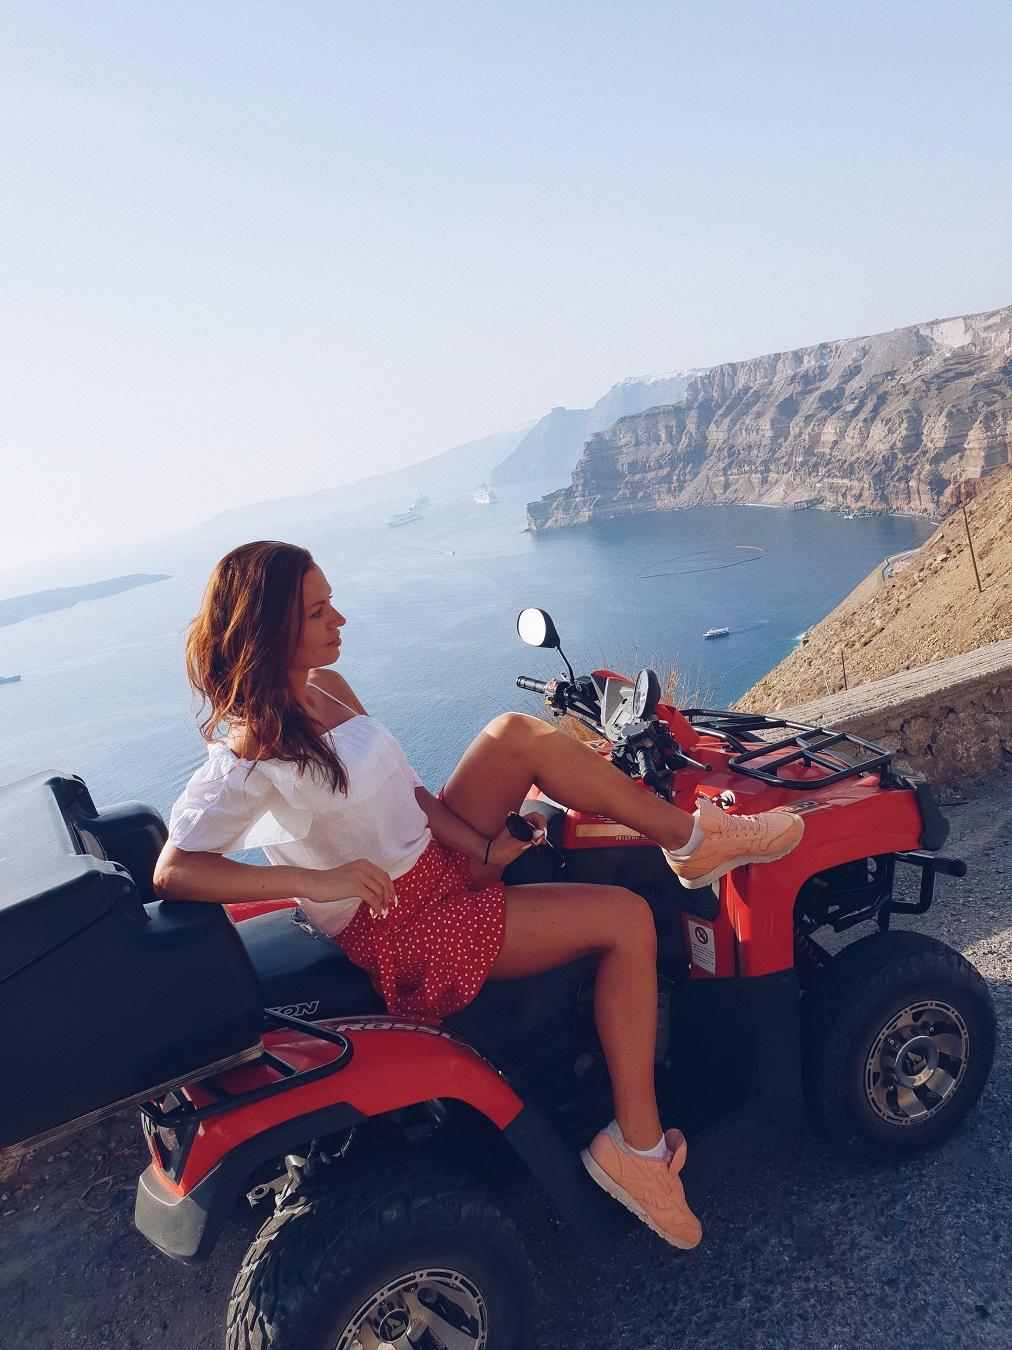 quad bike adventure